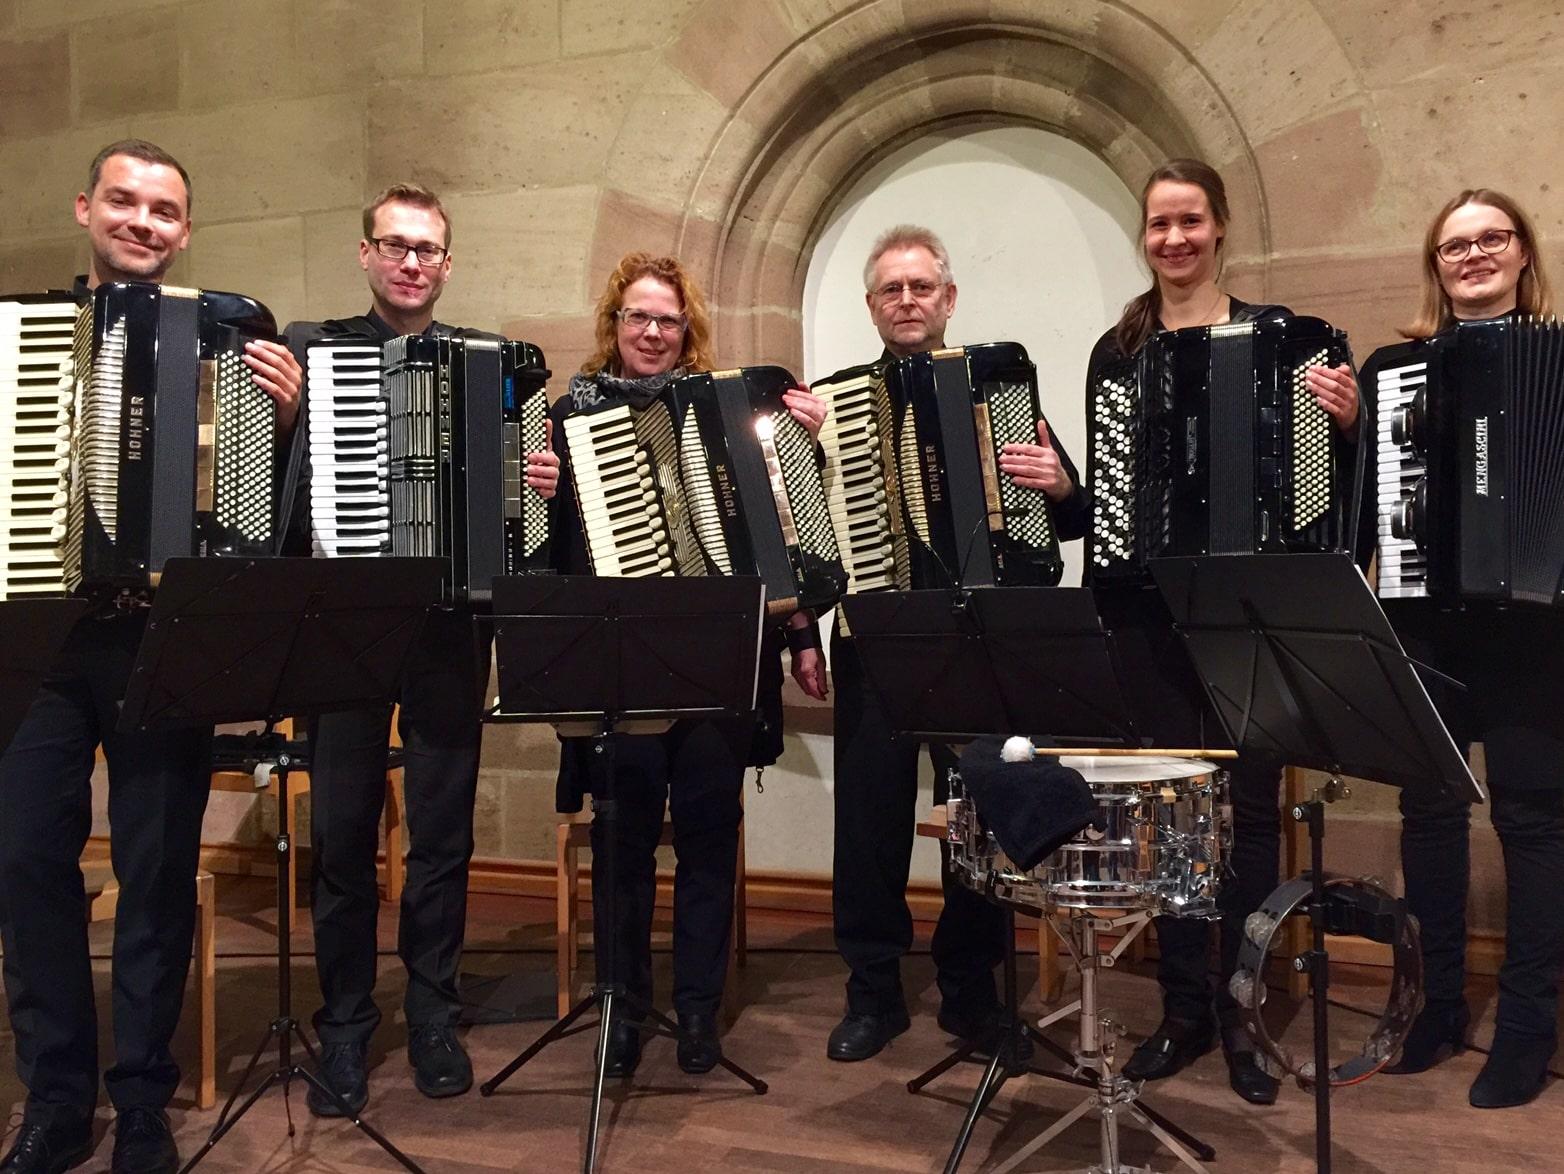 Unsere Akkordeonlehrerin Eva Pauler-Müller (3.v.l.) mit dem Nürnberger Akkordeonensemble